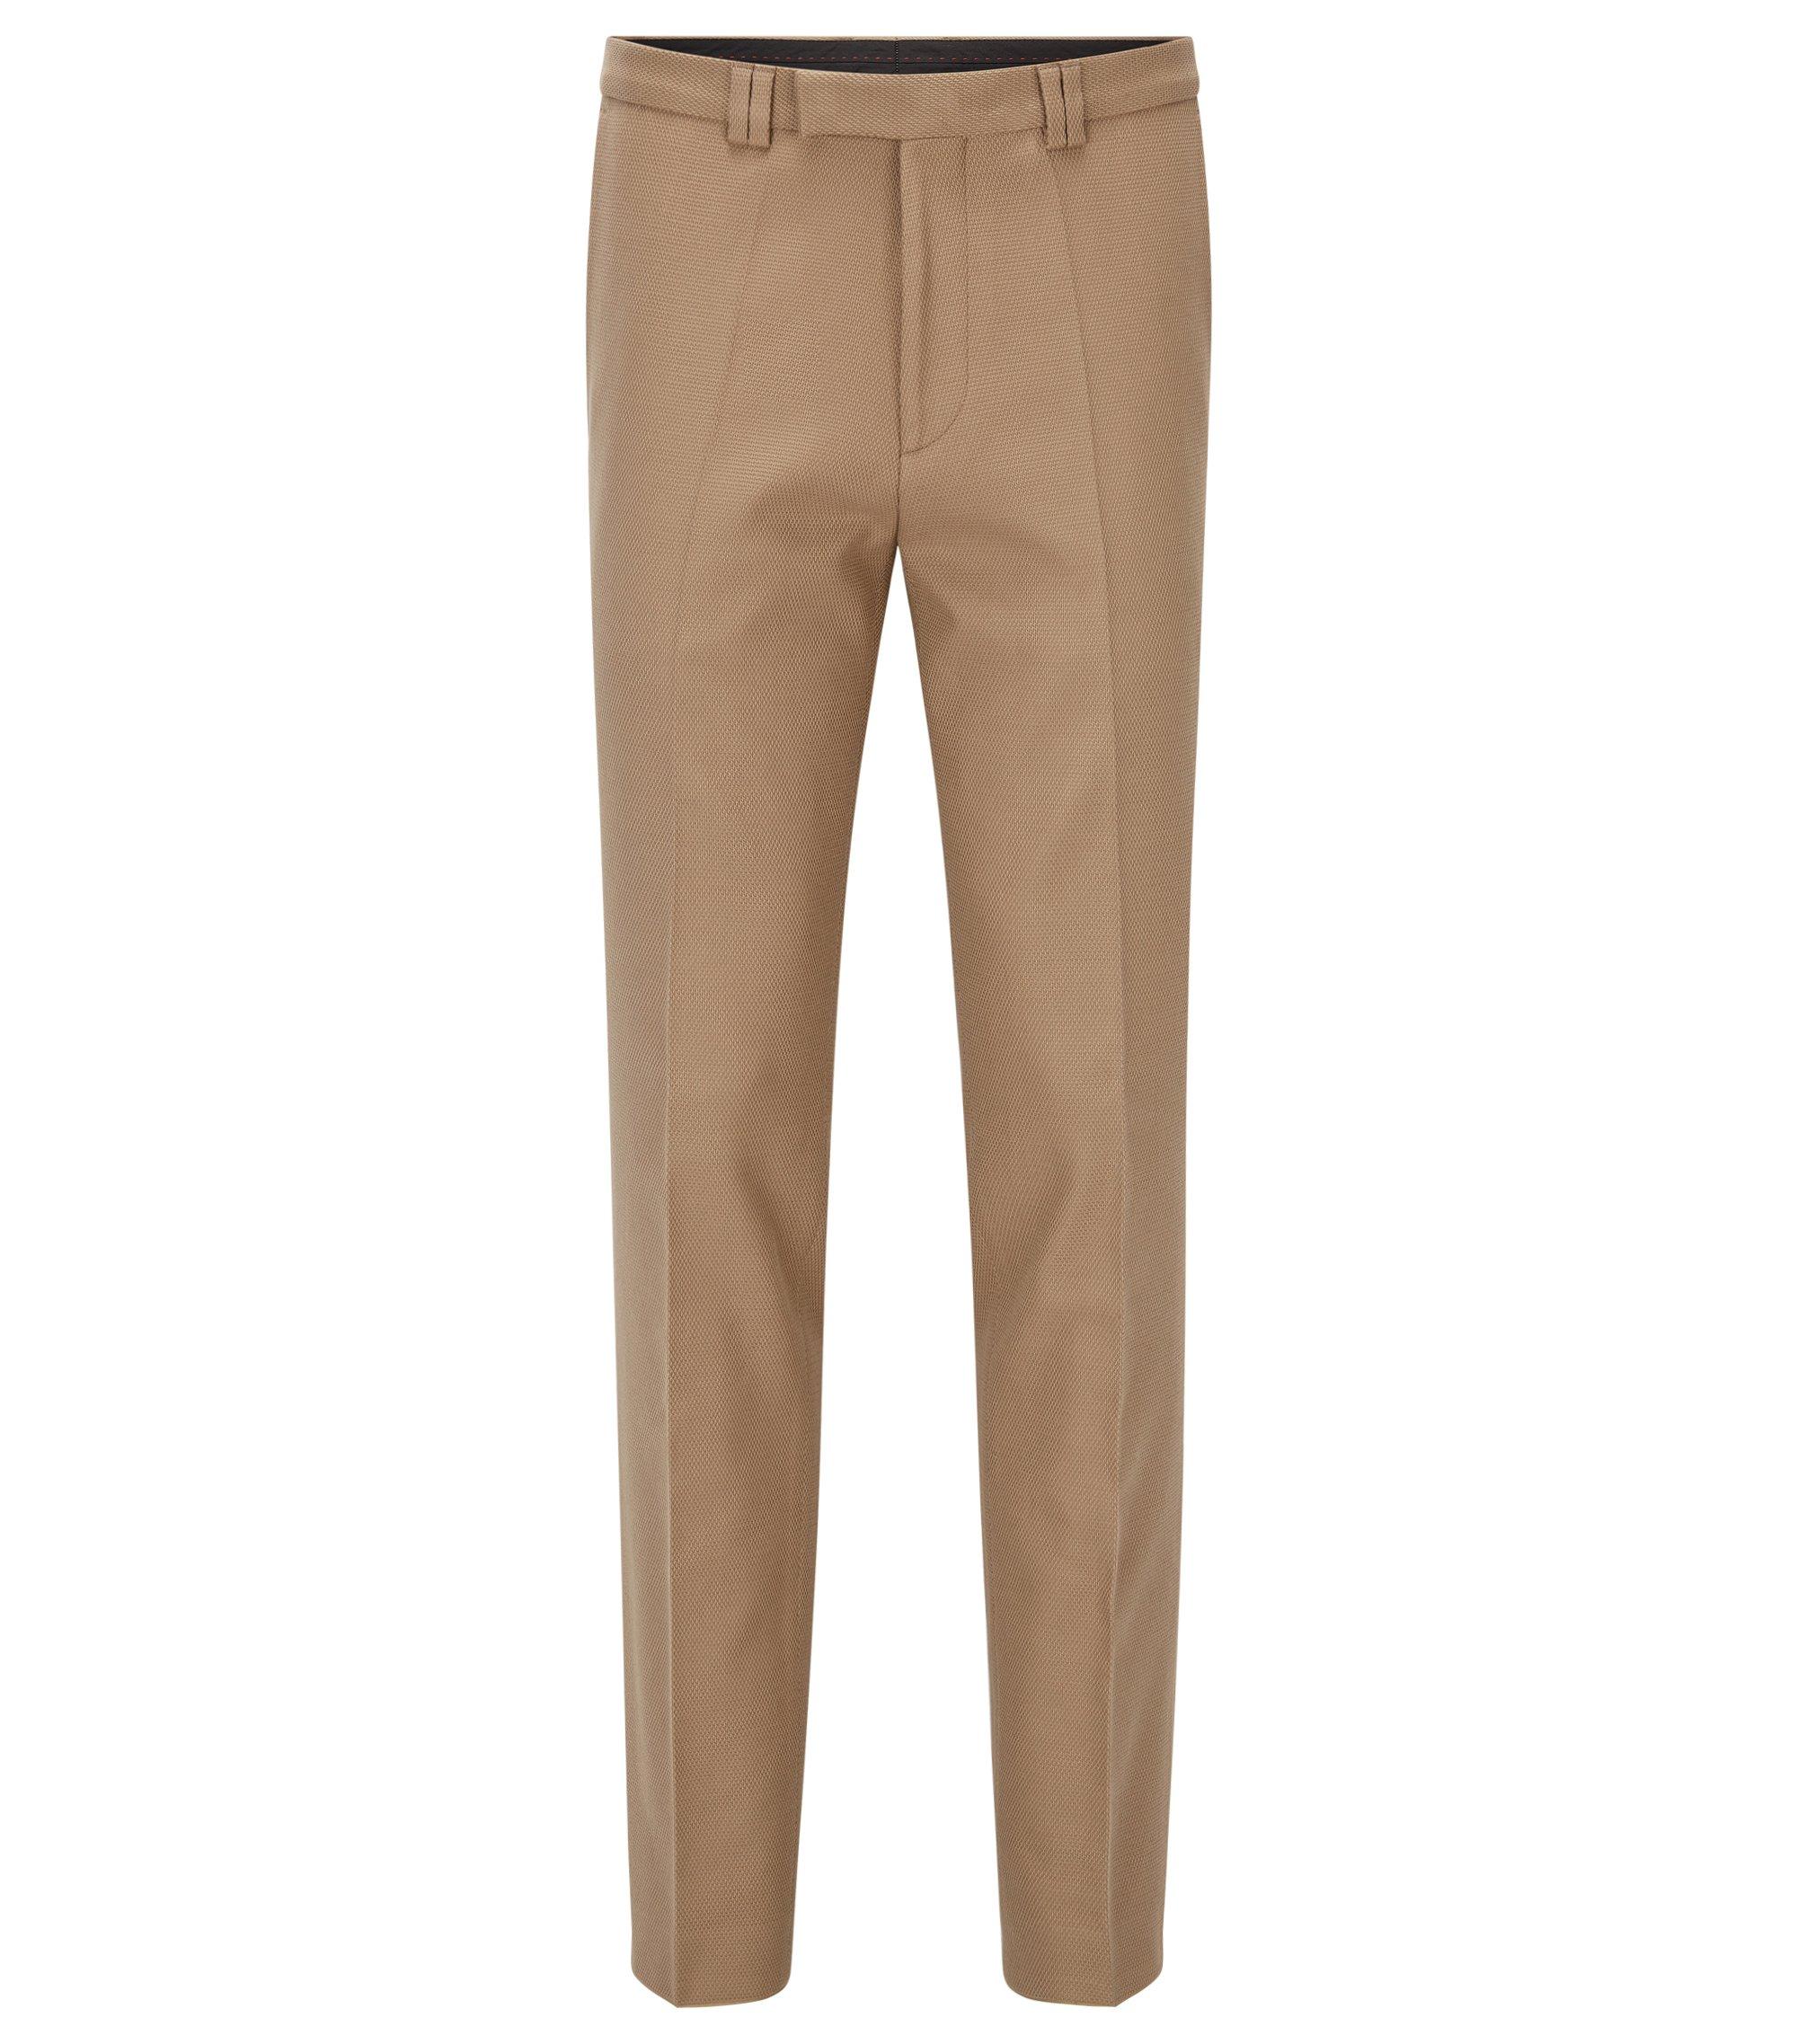 Pantaloni extra slim fit in cotone elasticizzato waffle, Beige chiaro